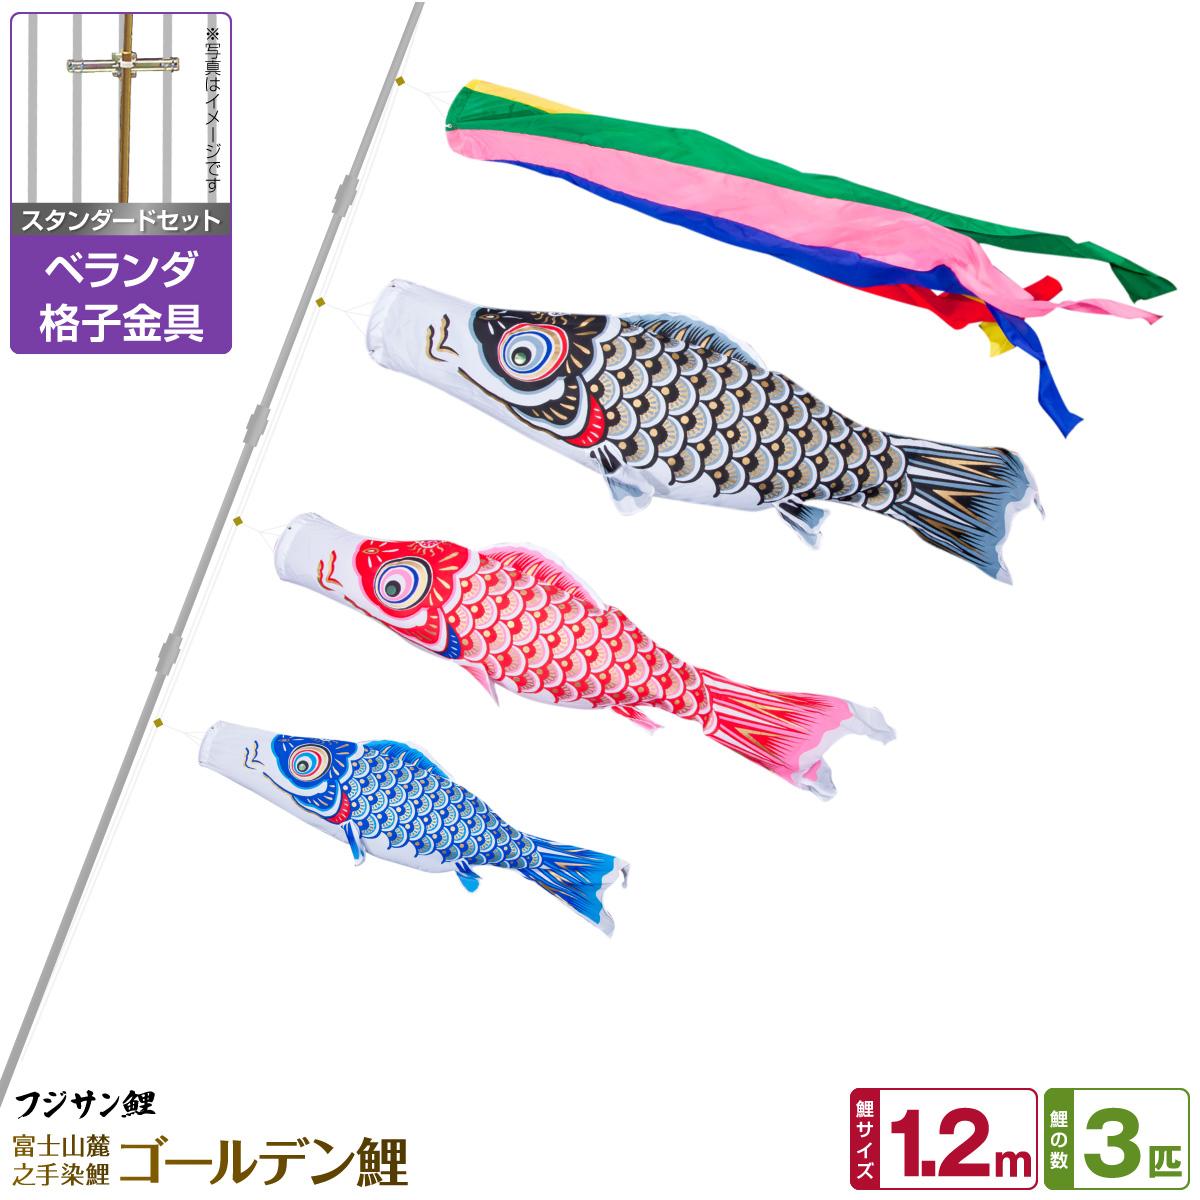 ベランダ用 こいのぼり 鯉のぼり フジサン鯉 ゴールデン鯉 1.2m 6点(吹流し+鯉3匹+矢車+ロープ)/スタンダードセット(格子金具)